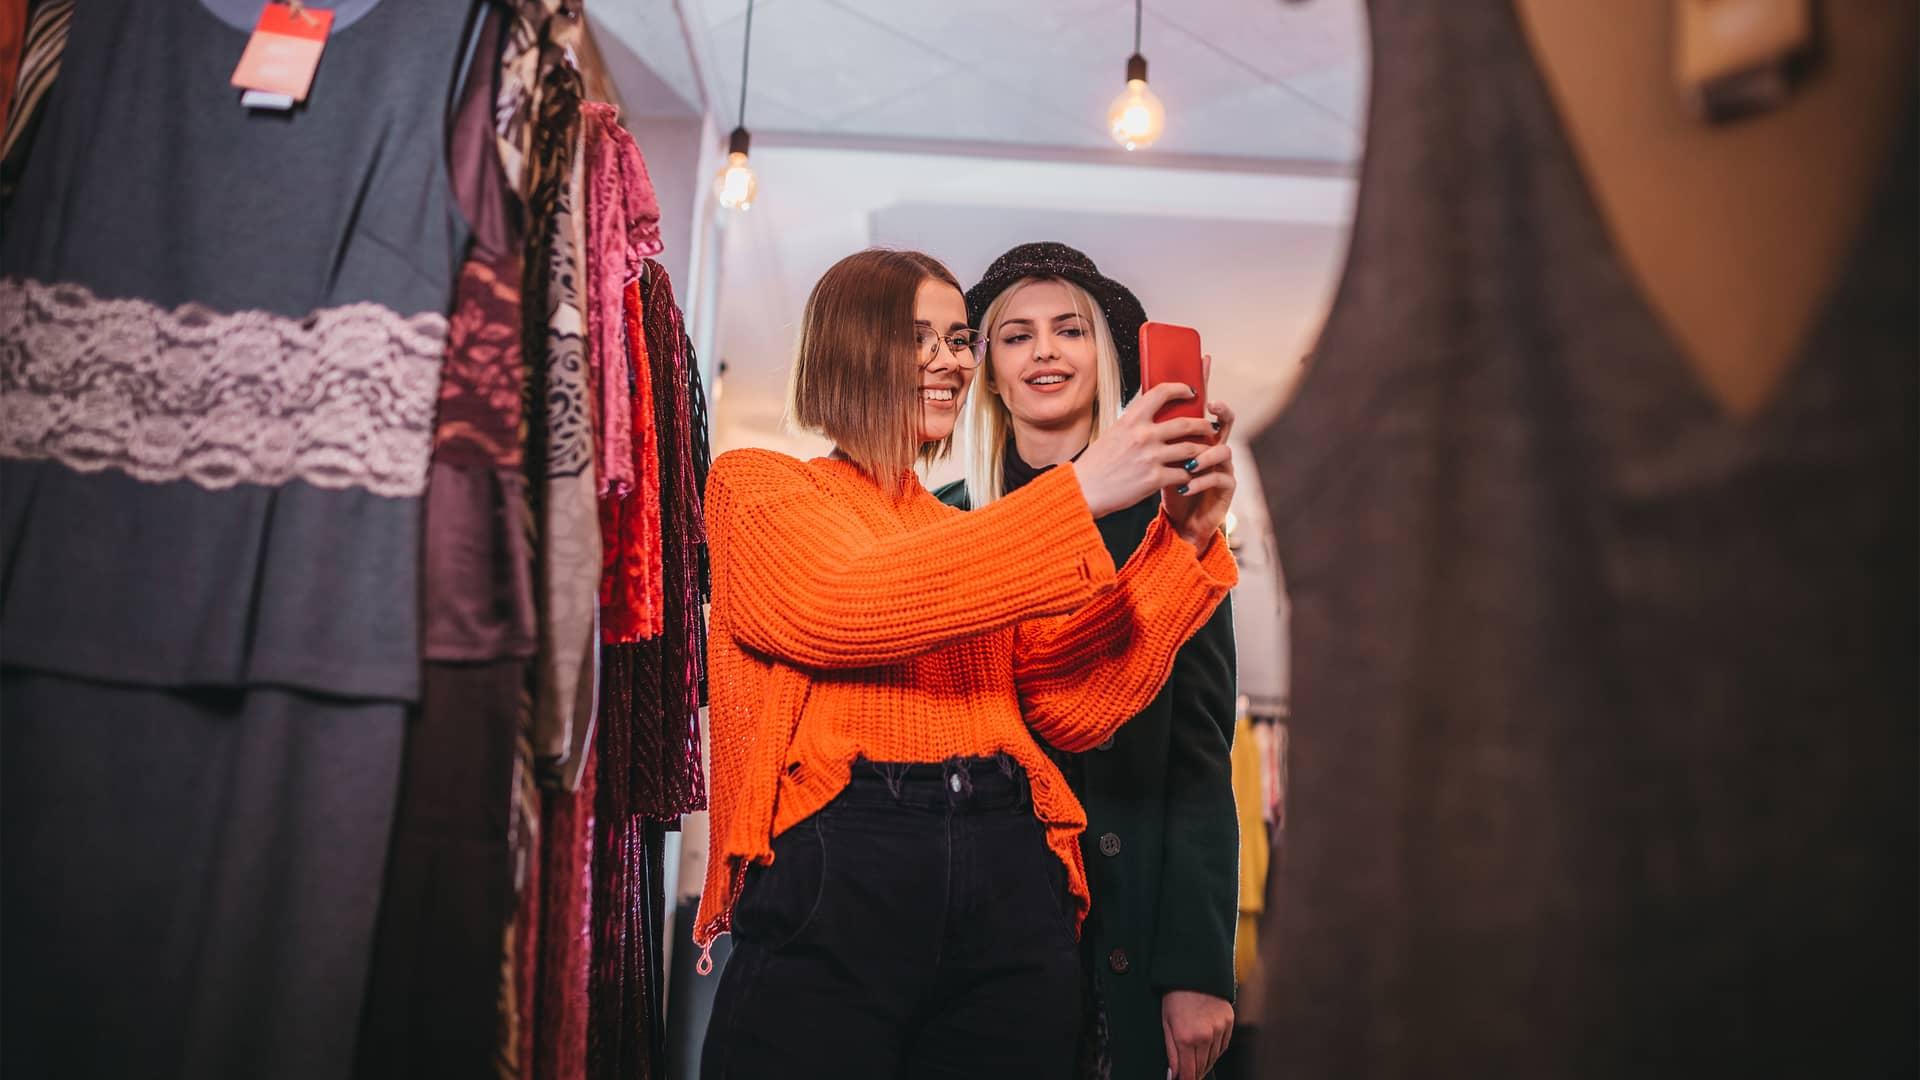 Fidelización Euskaltel teléfono: ventajas